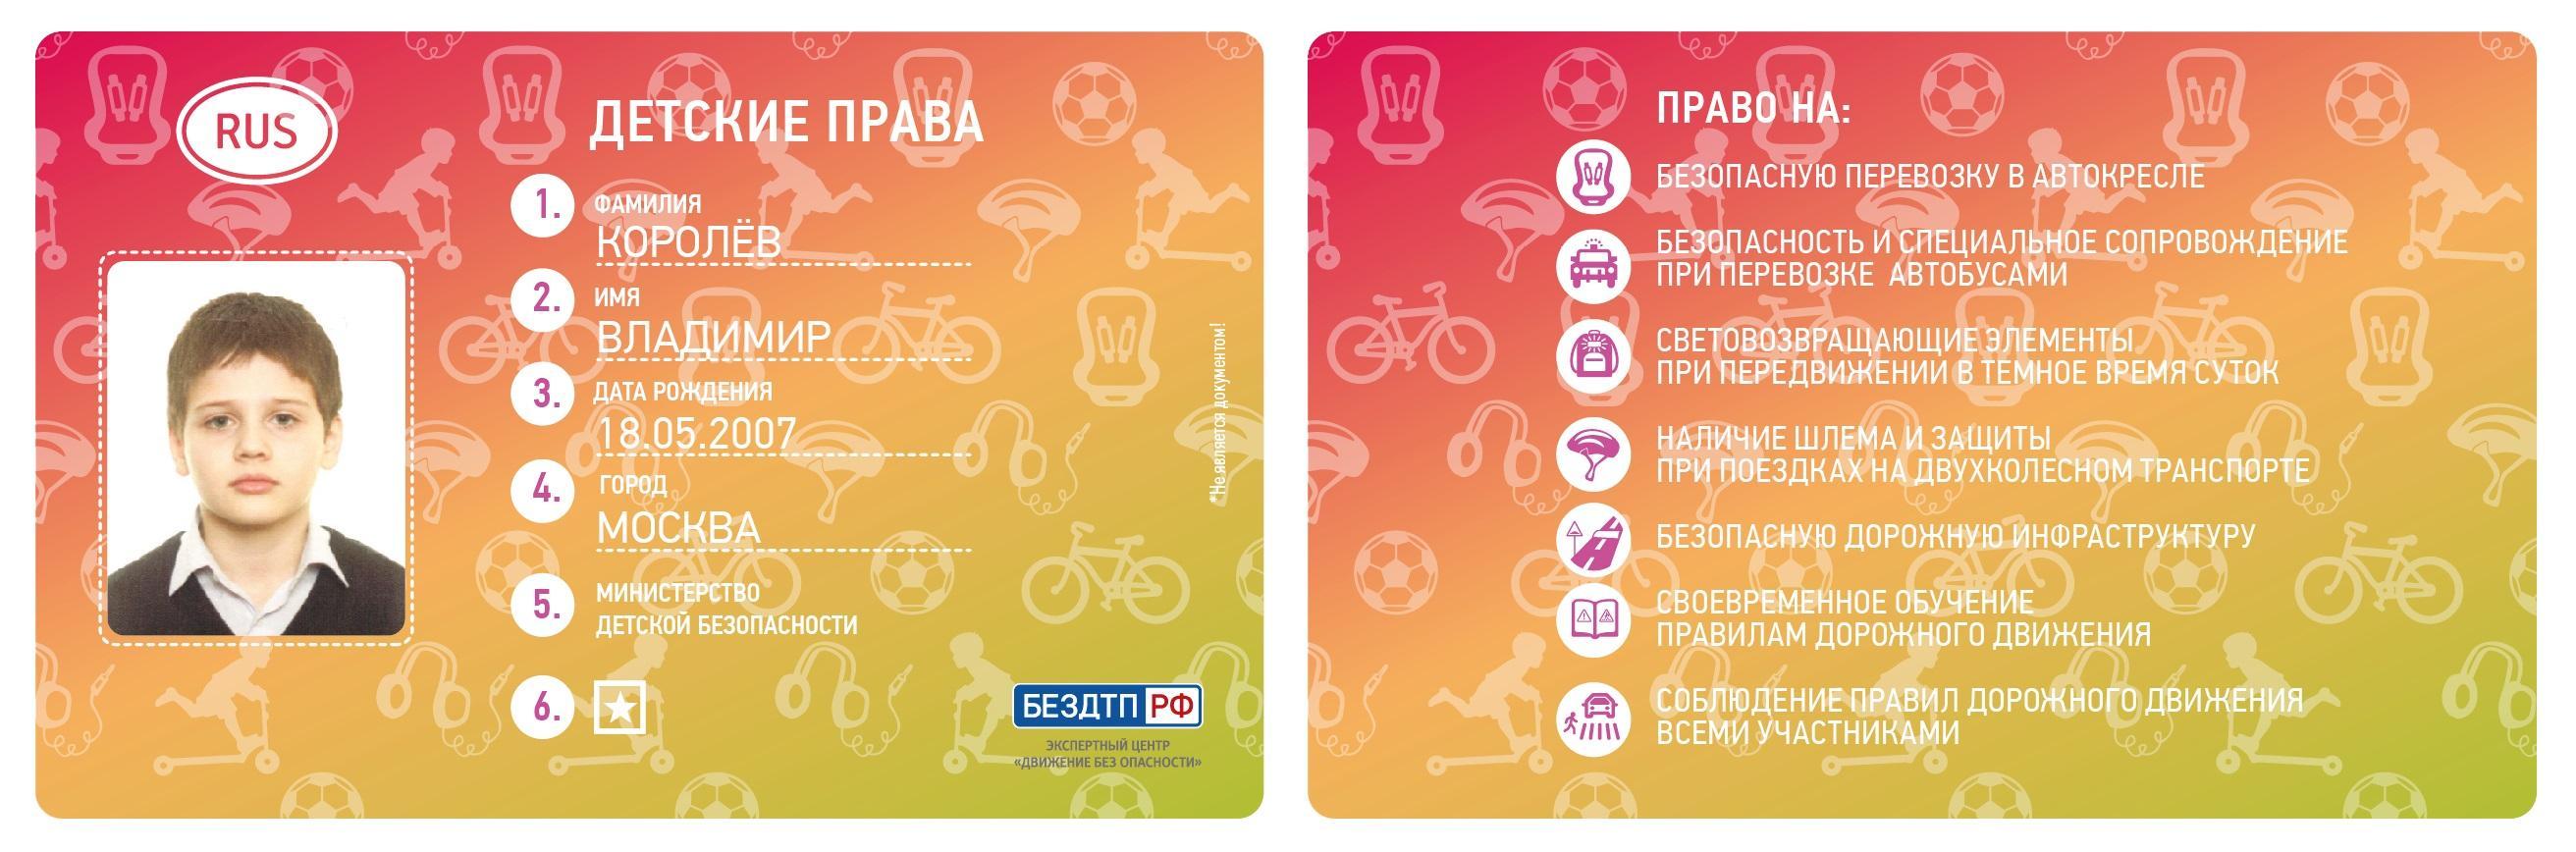 Правила езды на велосипеде 20